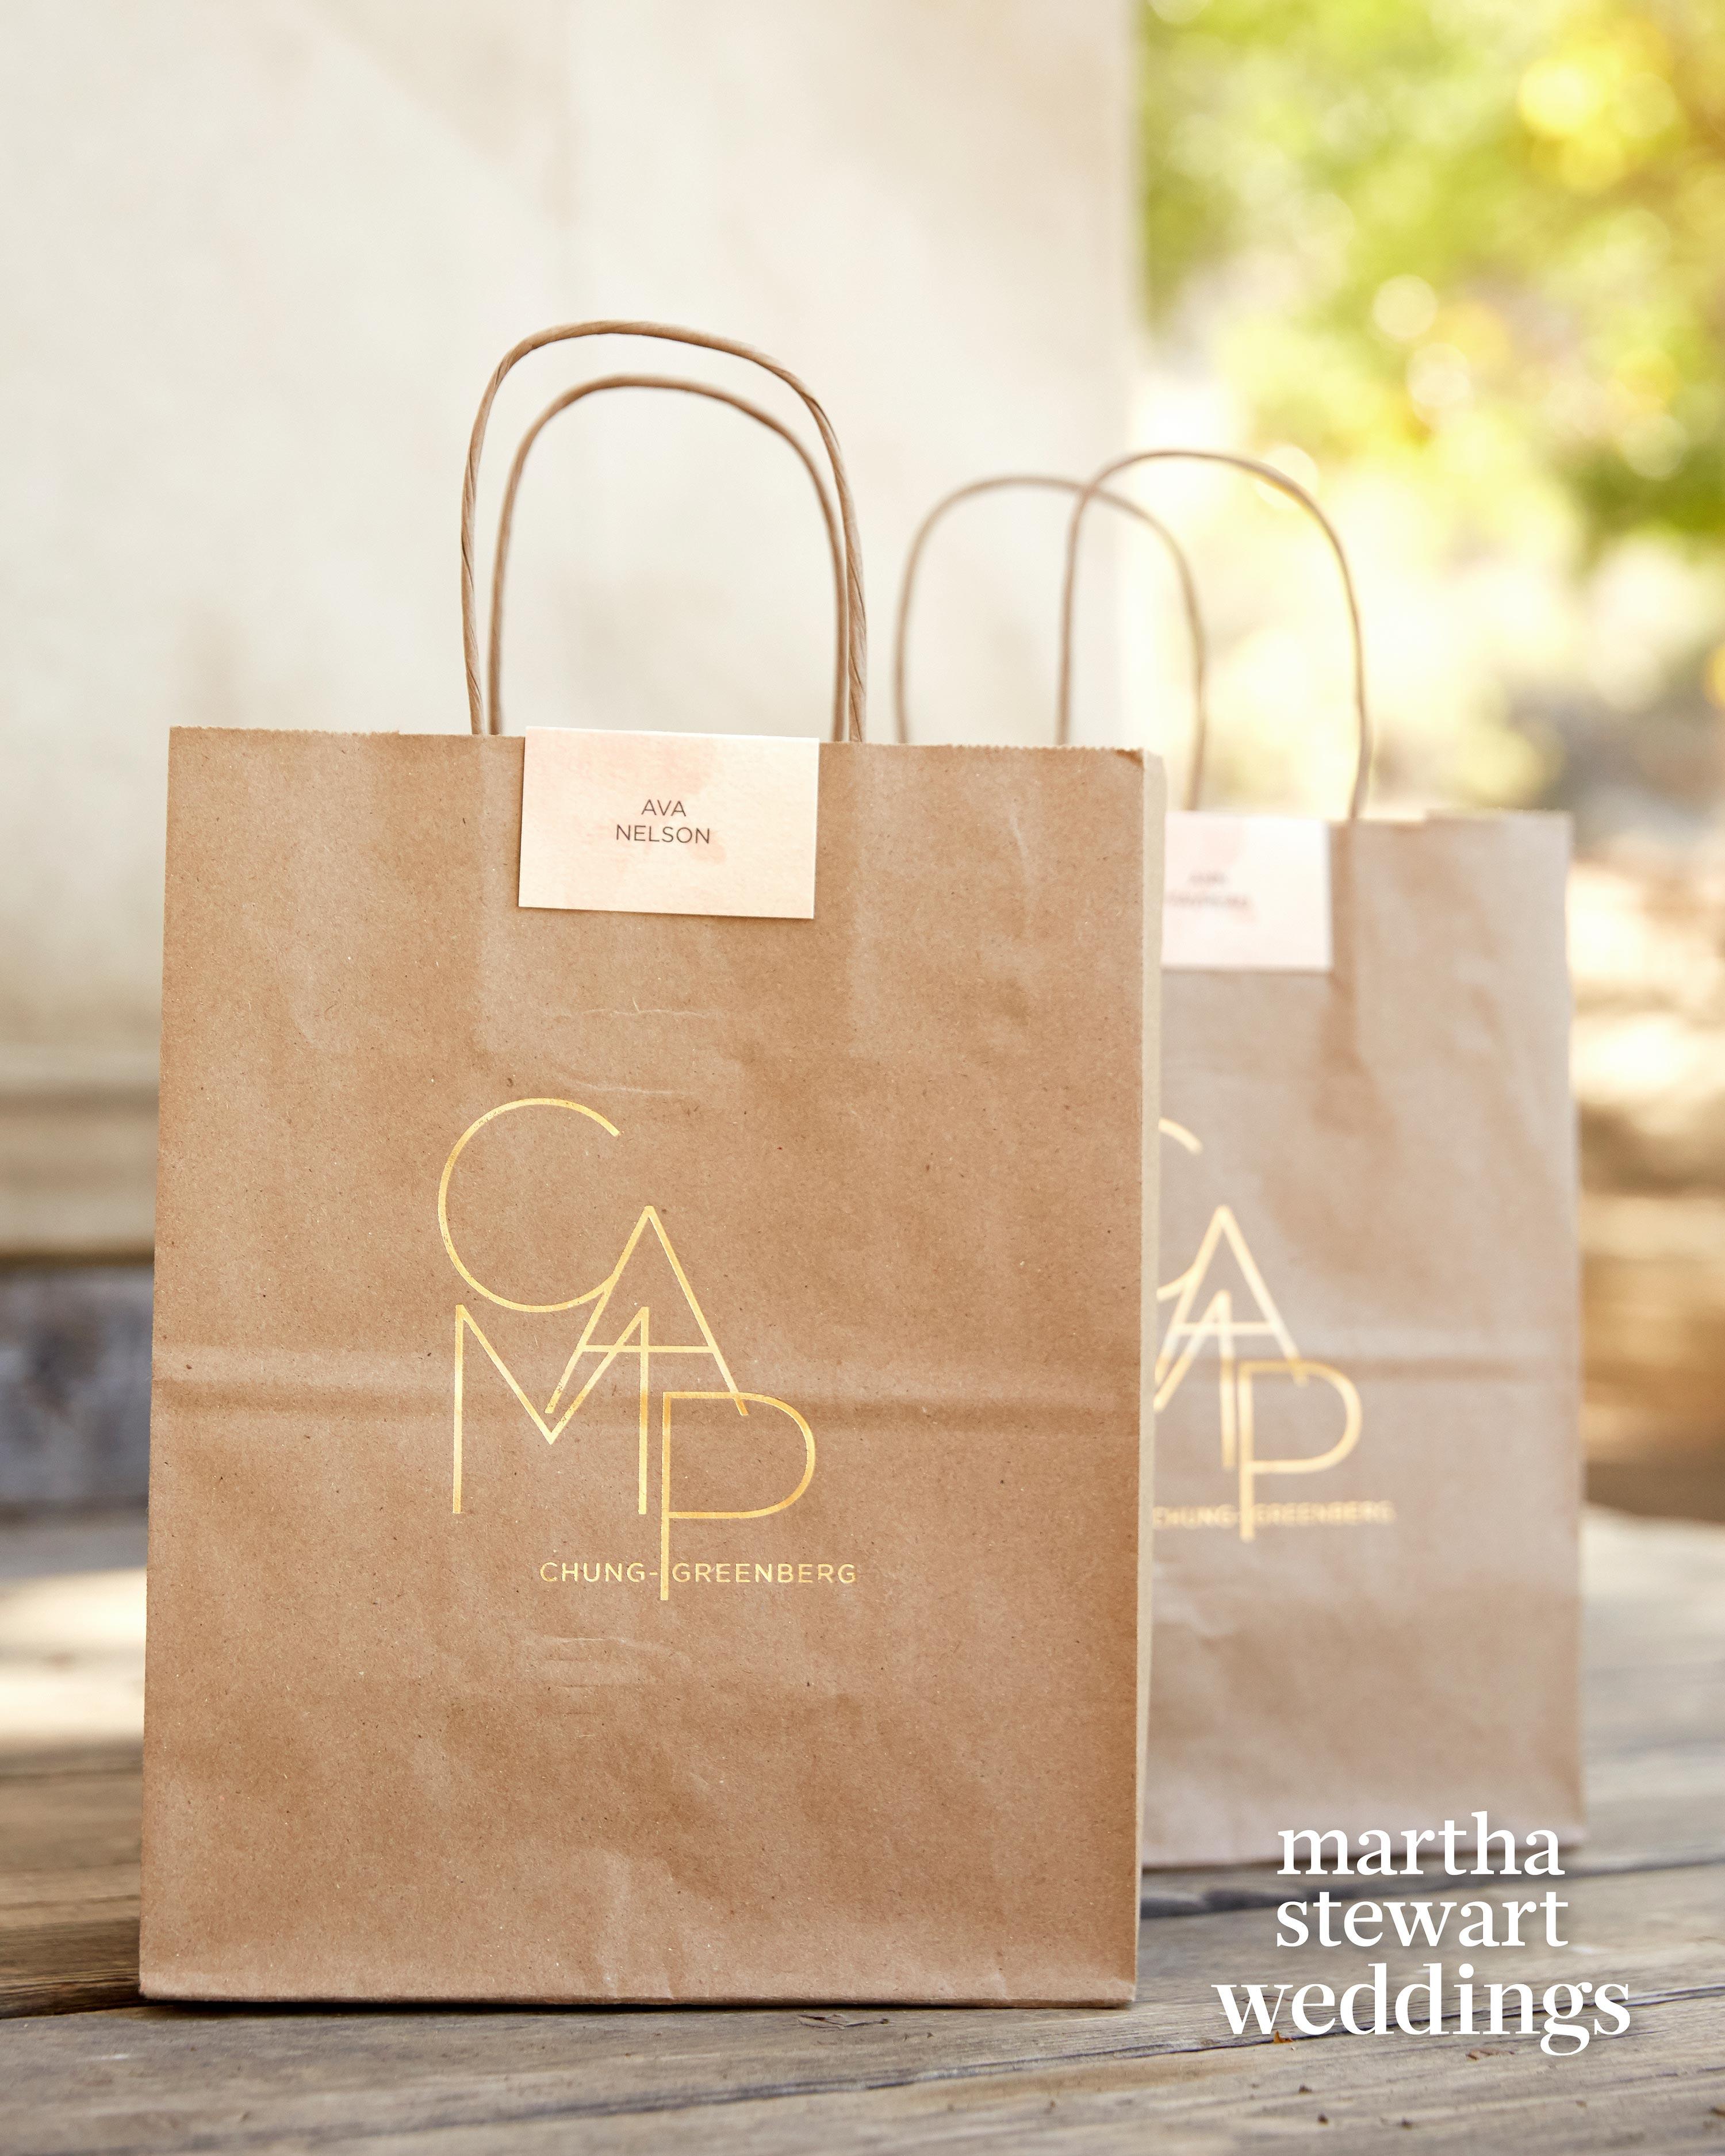 jamie-bryan-wedding-13-welcome-bags-0805-d112664.jpg